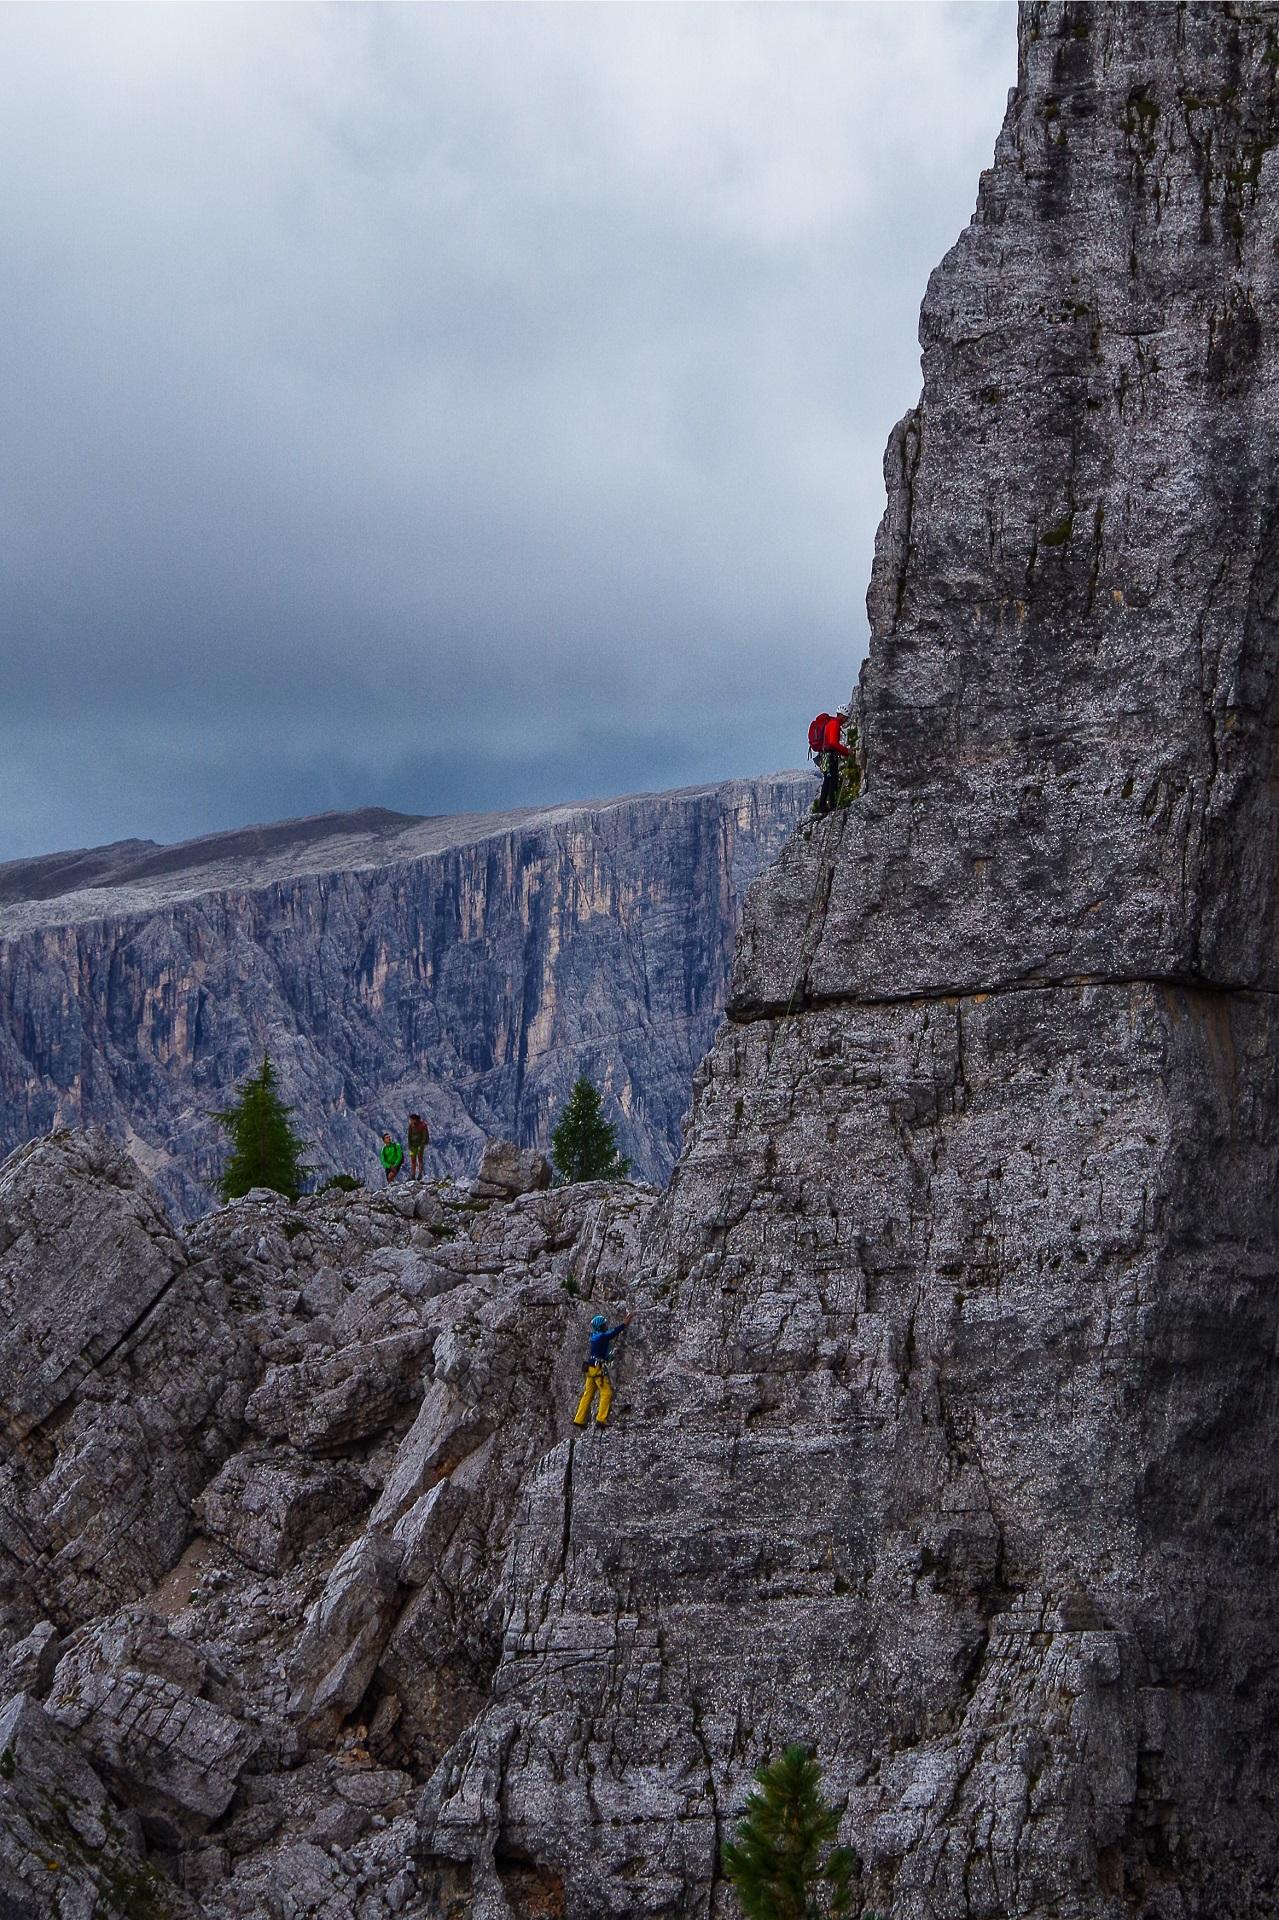 Wspinaczka w Dolomitach, po górskich drogach różni się od wspinaczki skałkowej.